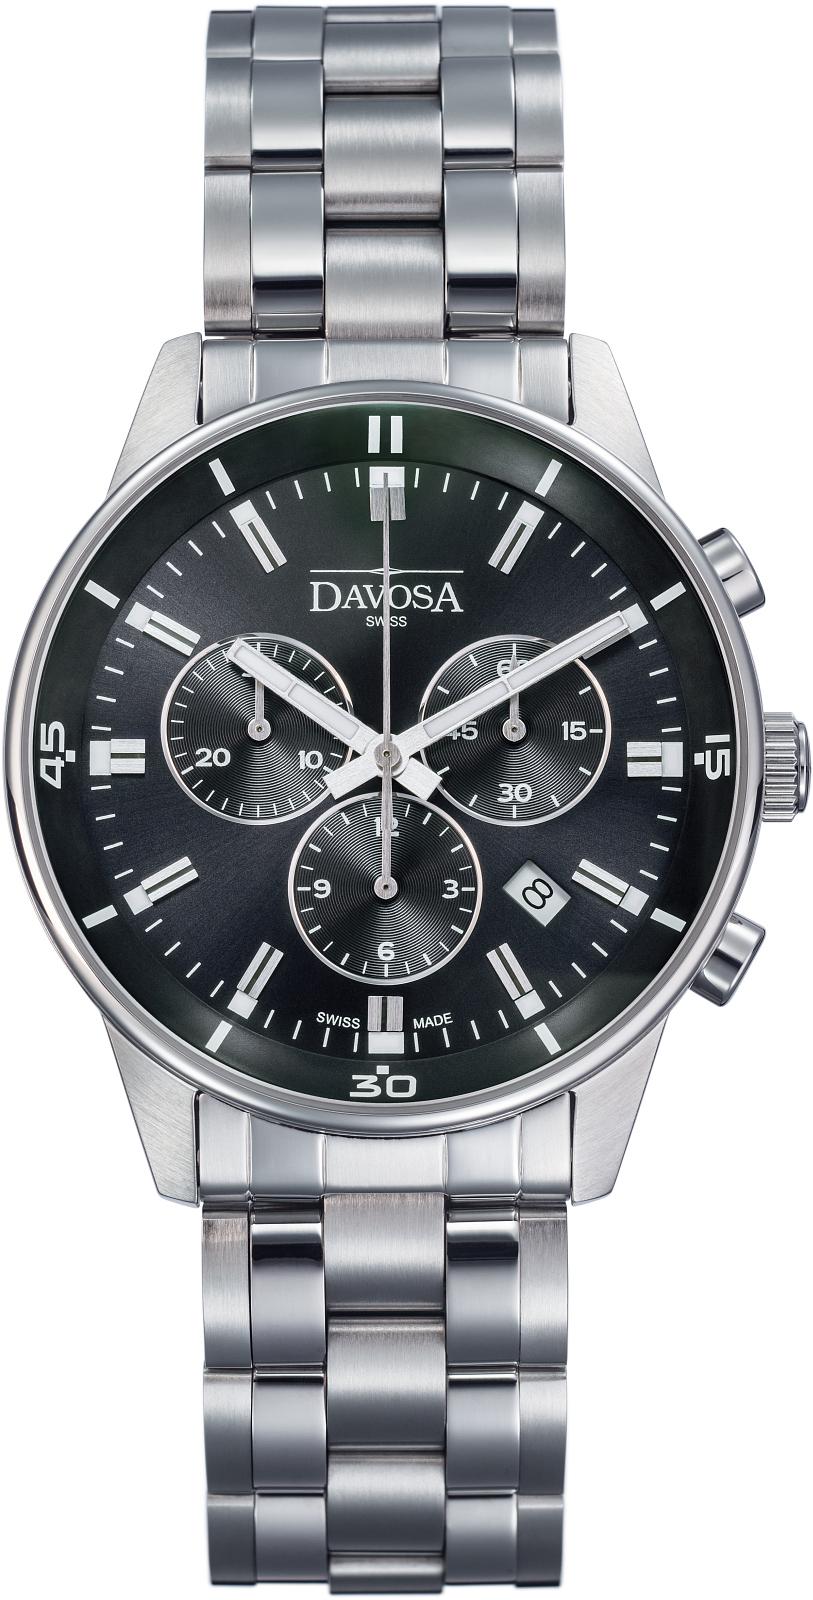 zegarek-meski-davosa-vireo-chronograph-163-481-55-2